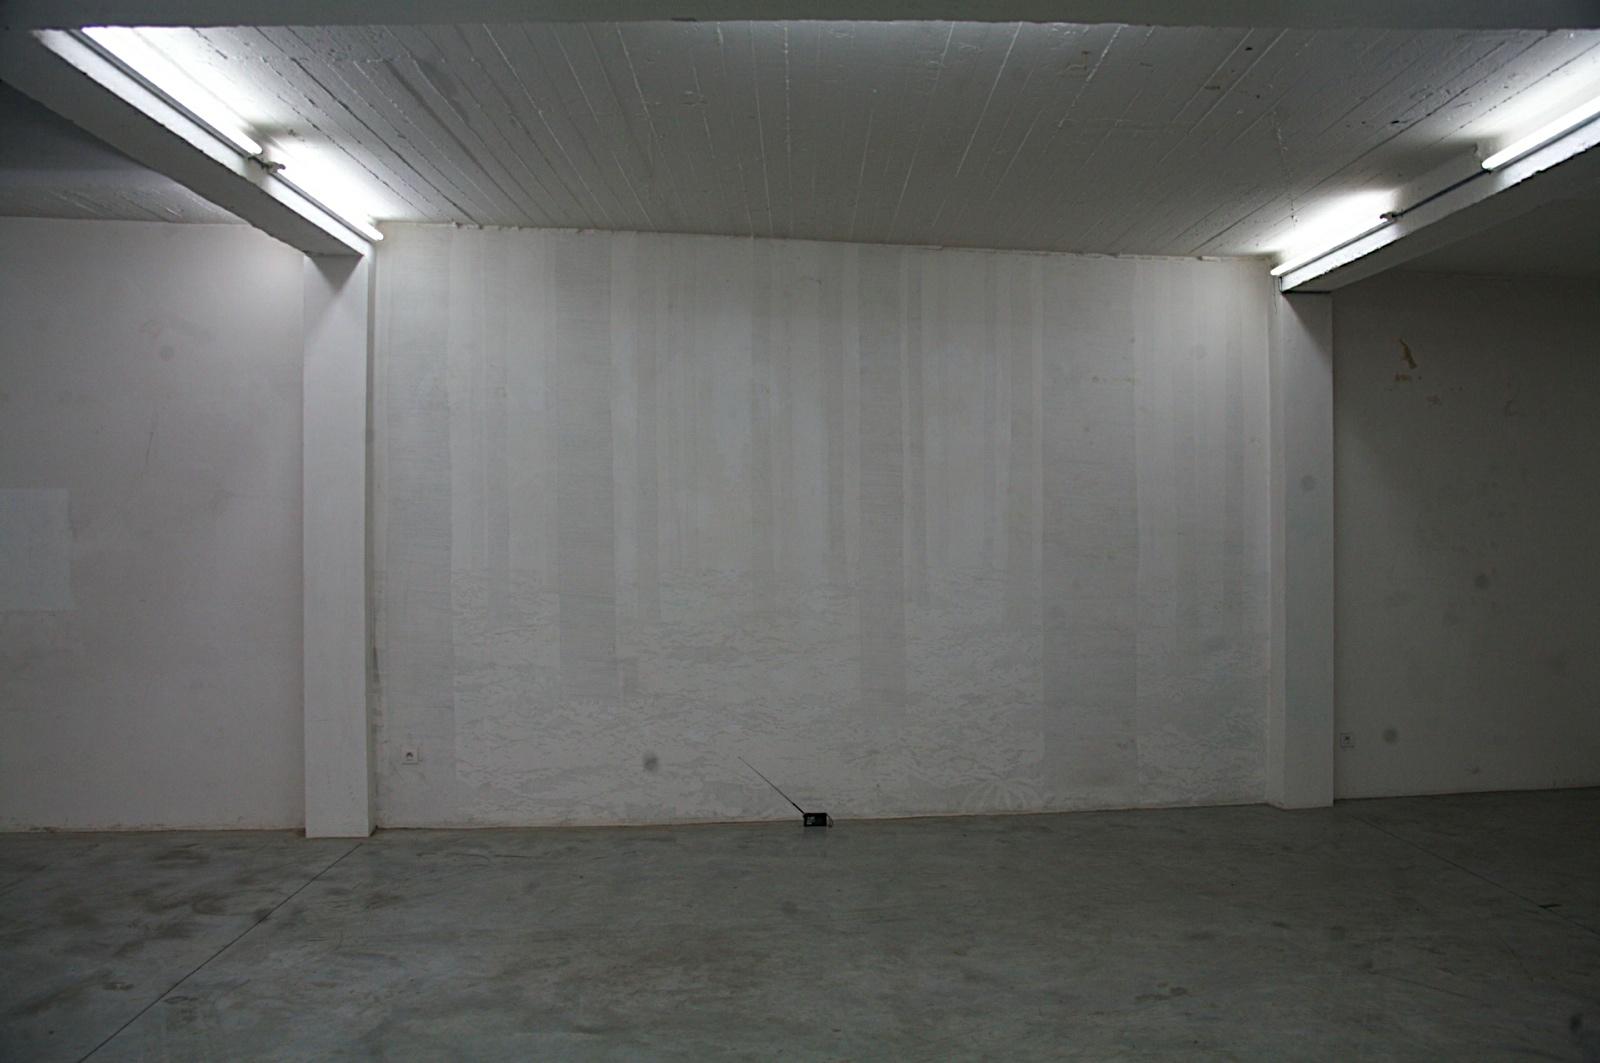 gegen die wand 39 music by mistake 39 installation david helbich. Black Bedroom Furniture Sets. Home Design Ideas